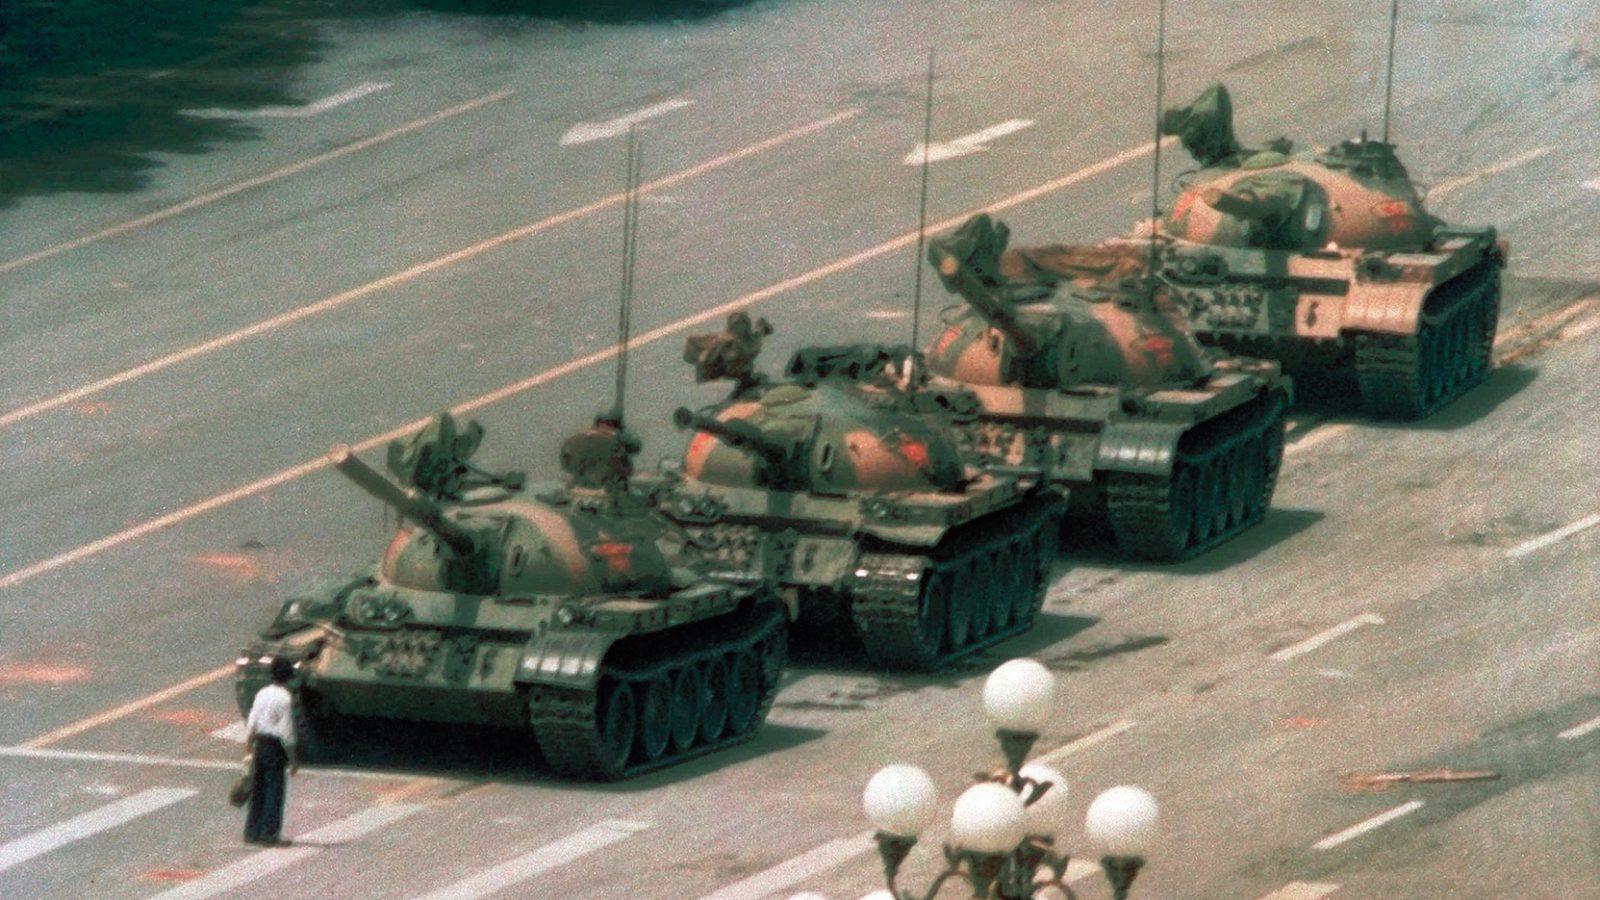 Tank Man - Đằng sau búc ảnh lọt top 100 hình ảnh biểu tượng của lịch sử | 50mm Vietnam